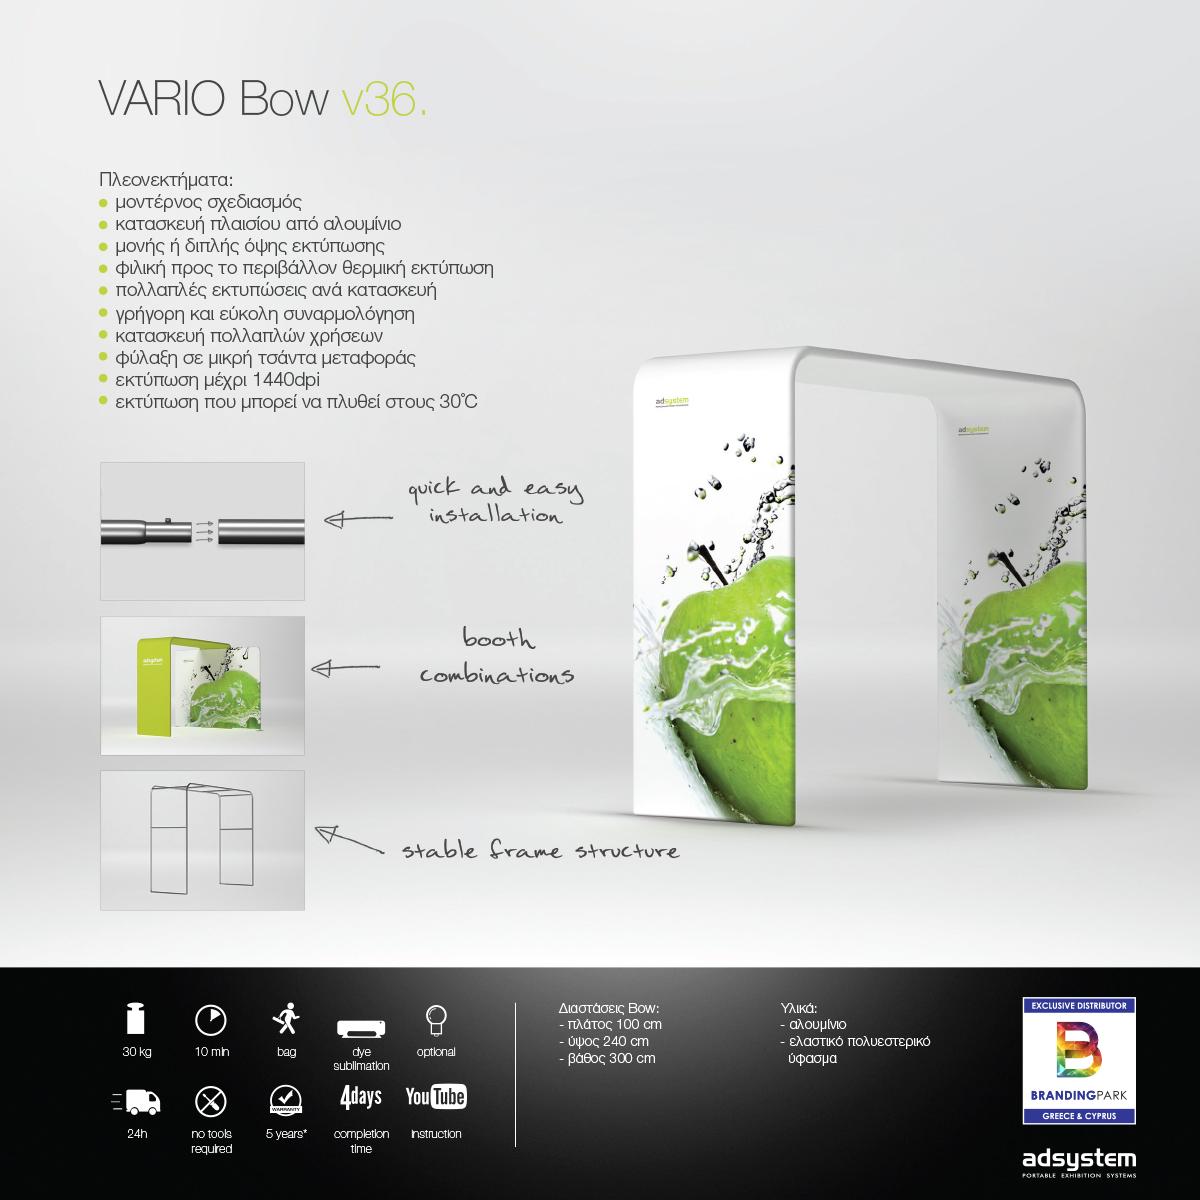 Υφασμάτινος τοίχος προβολής VARIO Bow v36.